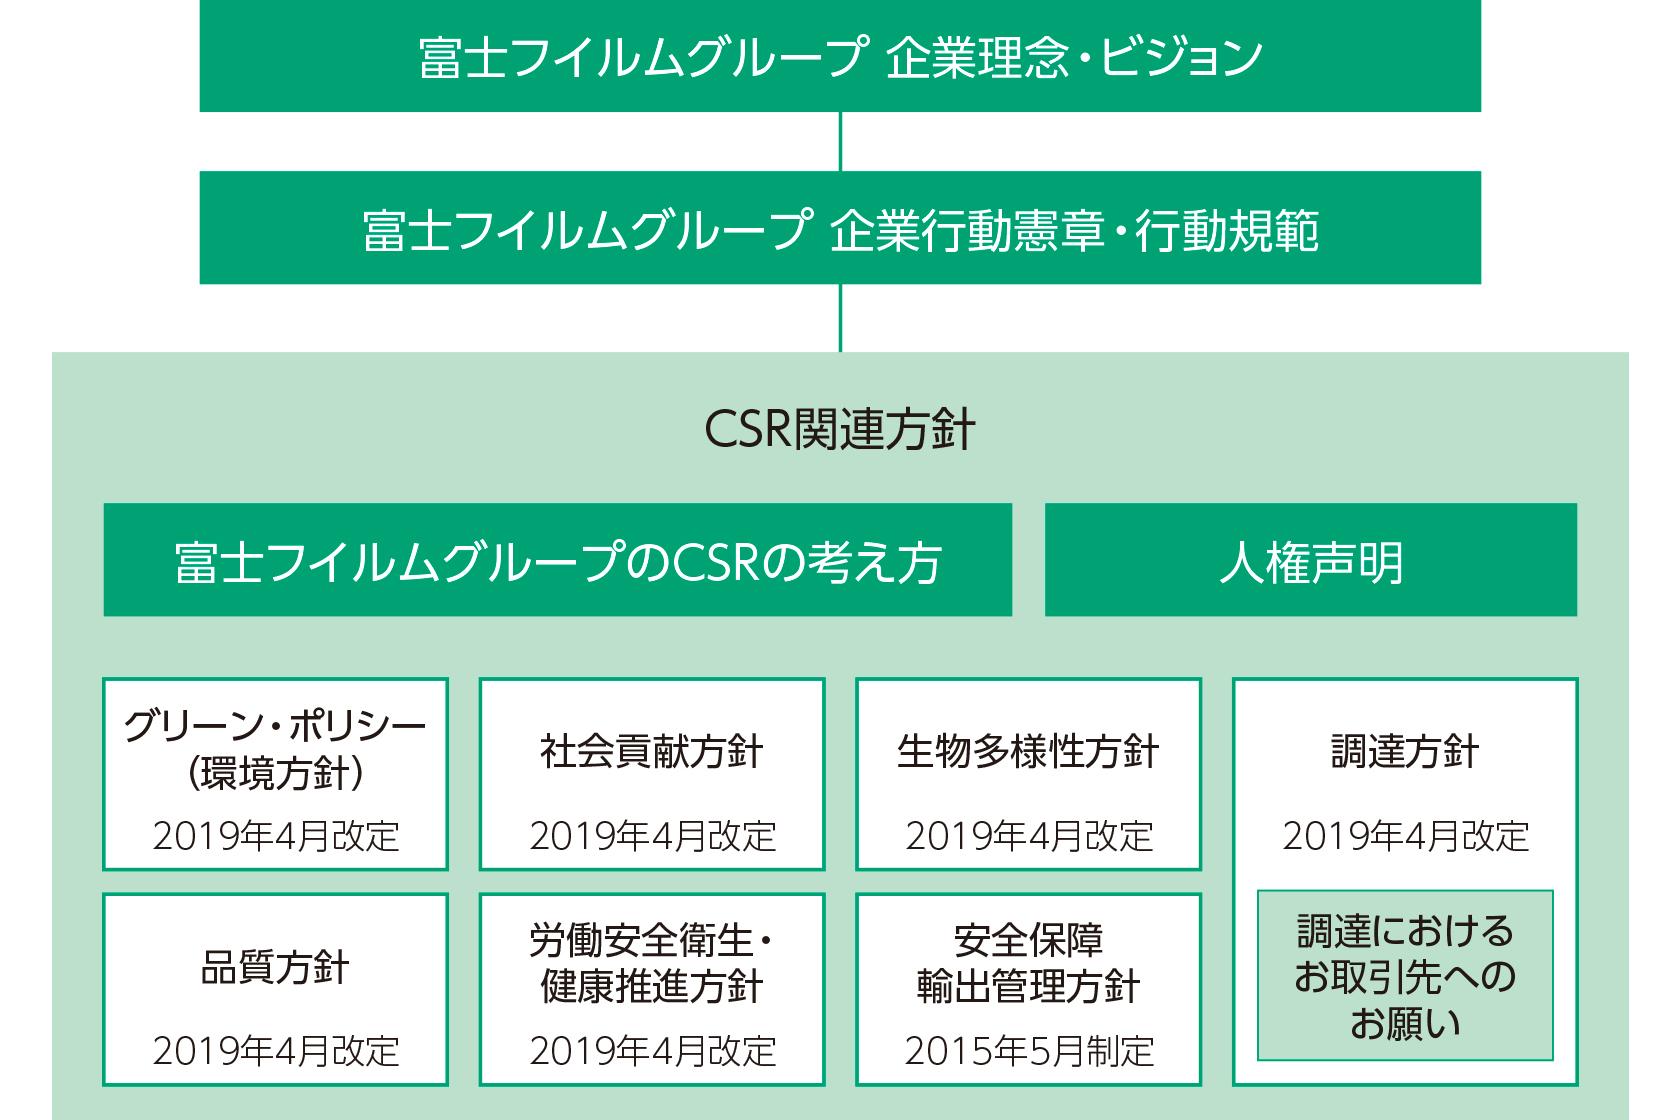 [図]富士フイルムグループのCSRの考え方と各種方針